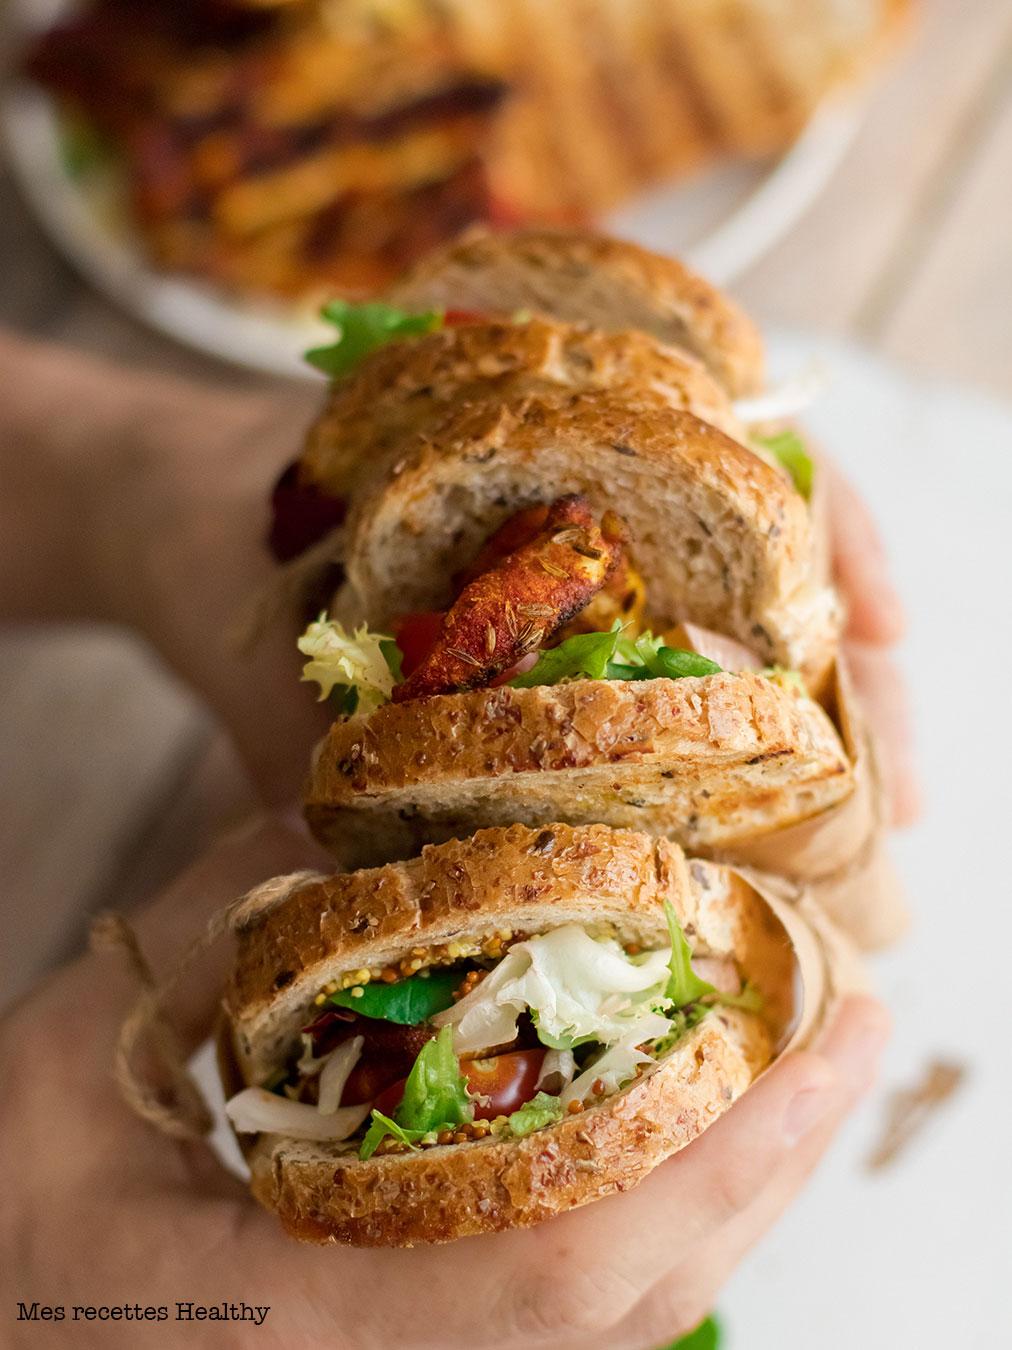 recette healthy-sandwich-fromage-poulet-epice